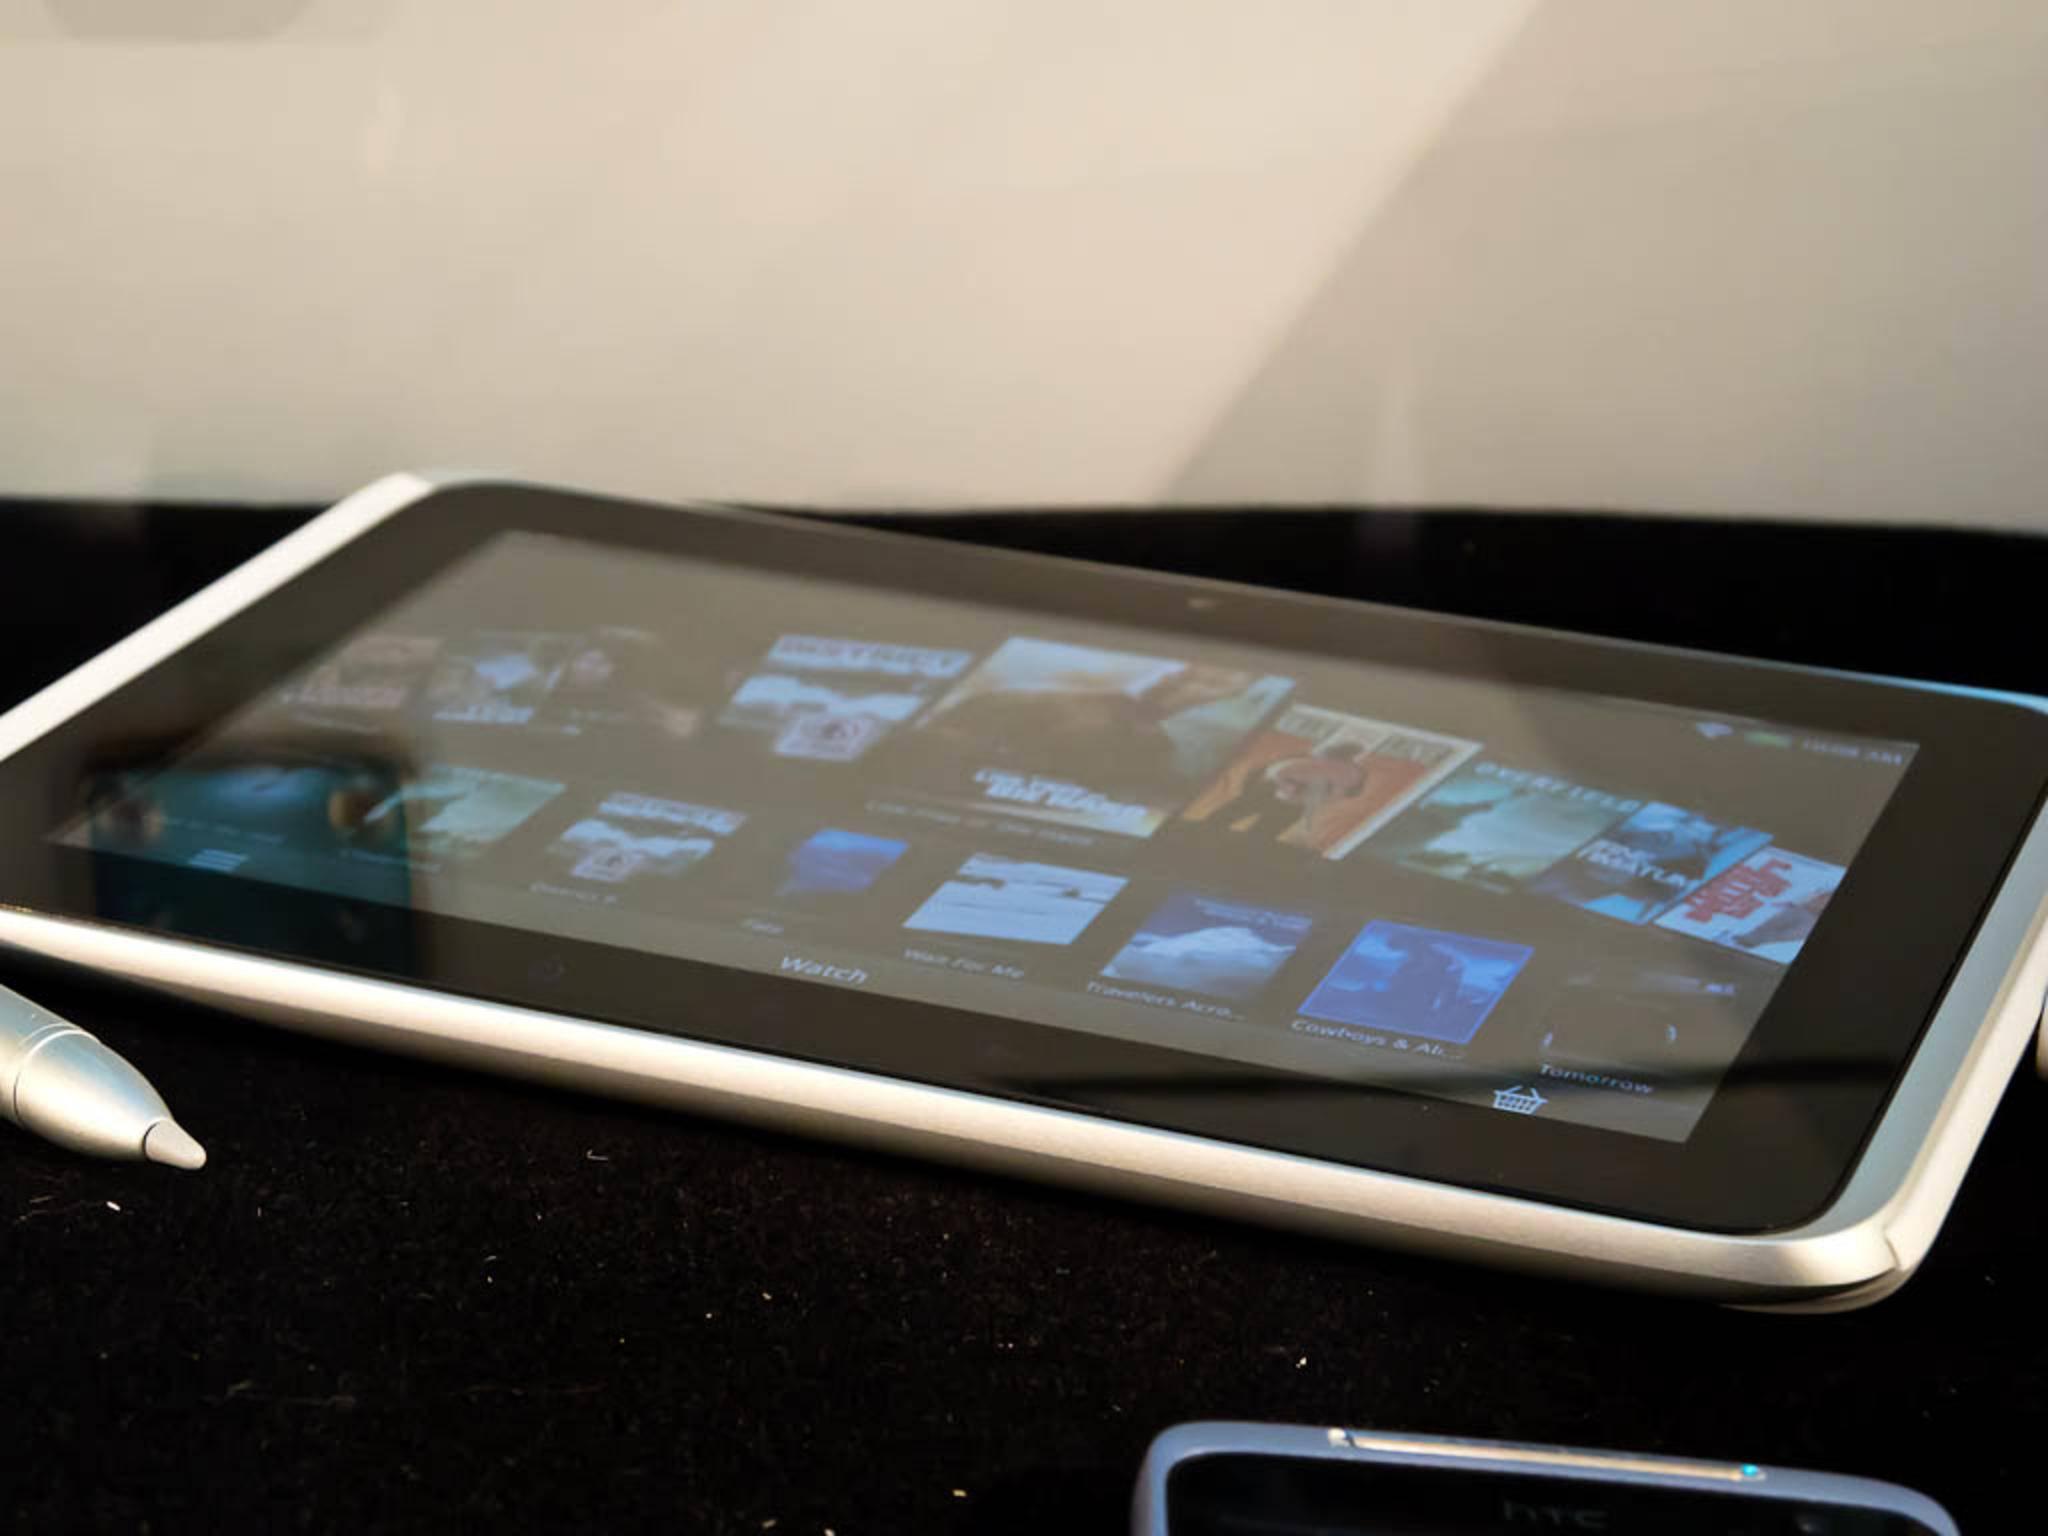 Das letzte erfolgreiche HTC Tablet: Das HTC Flyer.